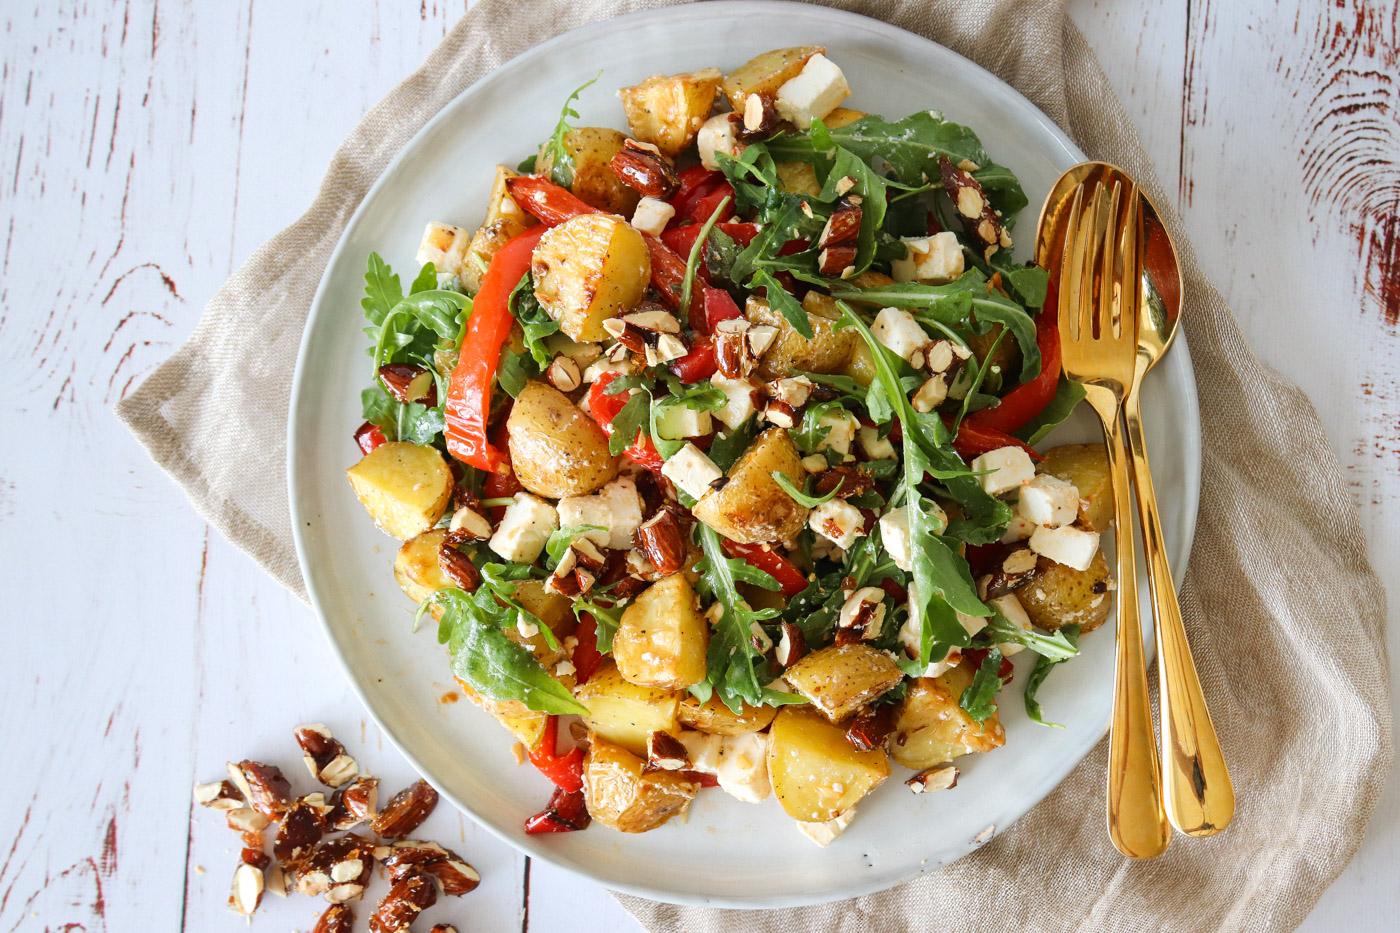 Kartoffelsalat Med Bagte Peberfrugter, Feta, Rucola Og Karameliseret Mandler Med Karry